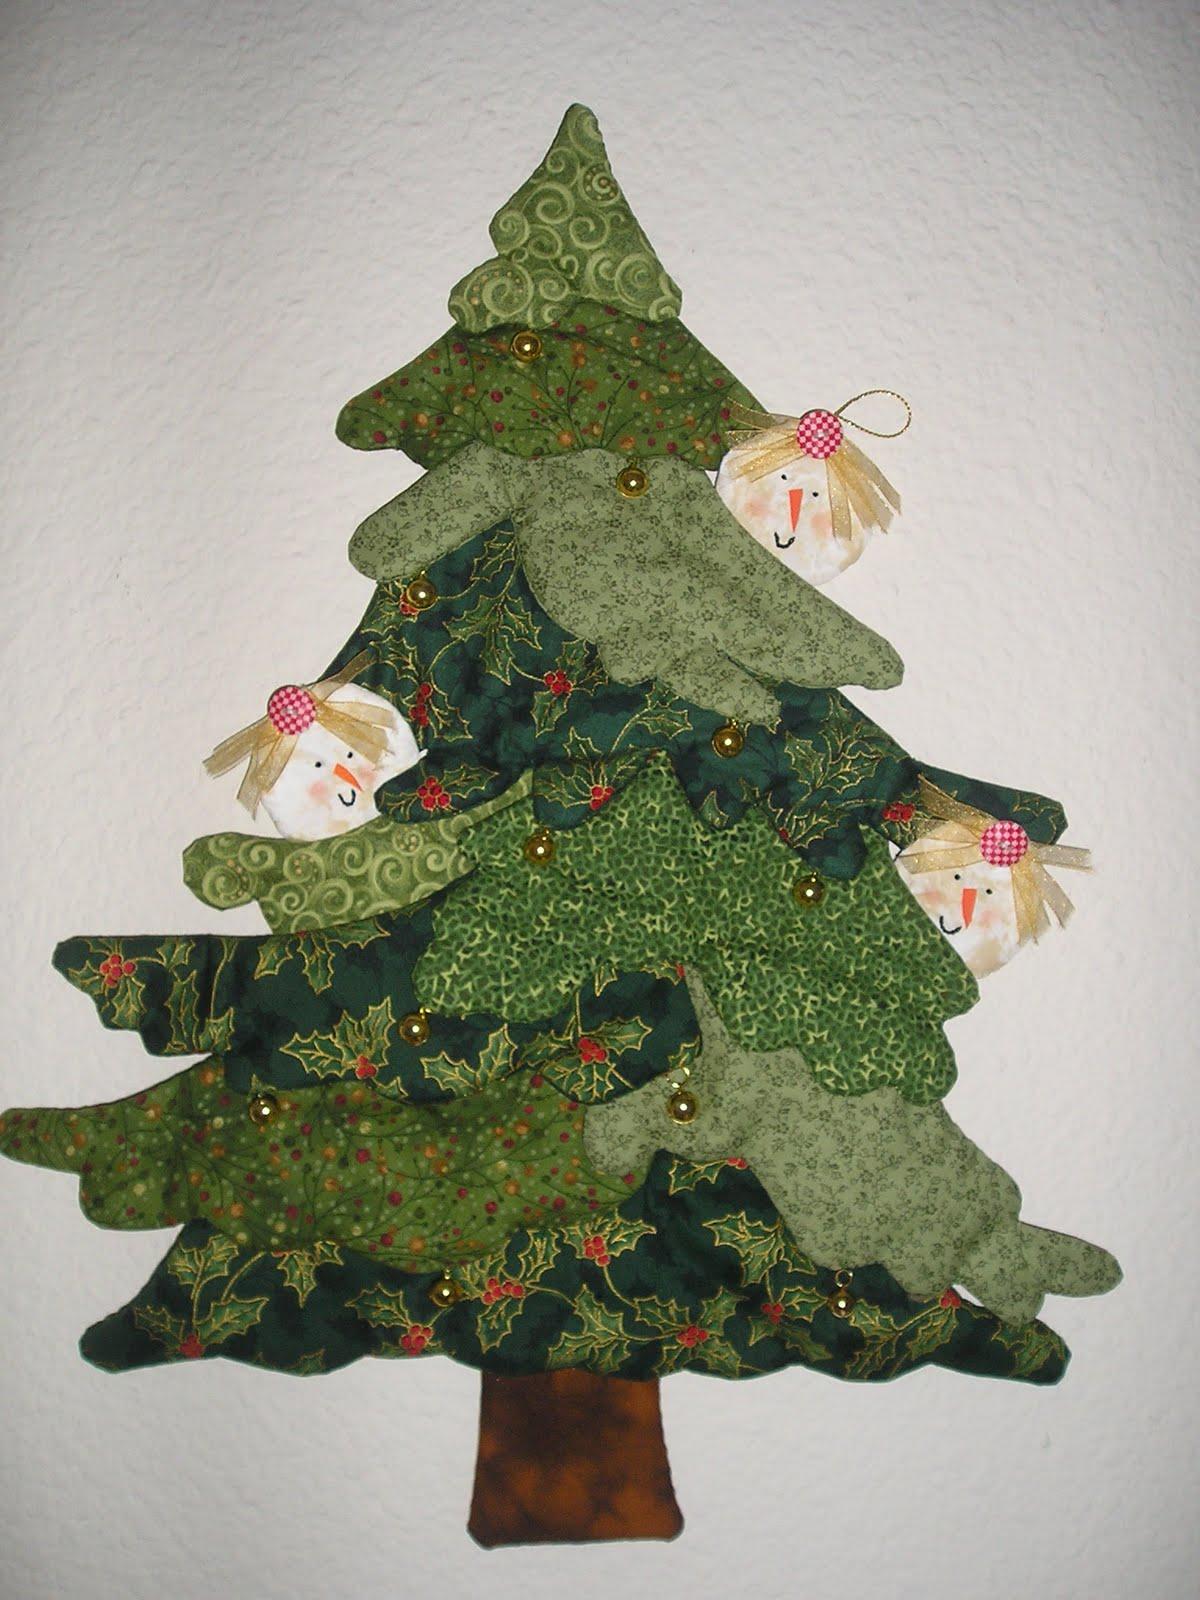 Jard n de patchwork de manoli rbol de navidad for Arboles para cierre de jardin